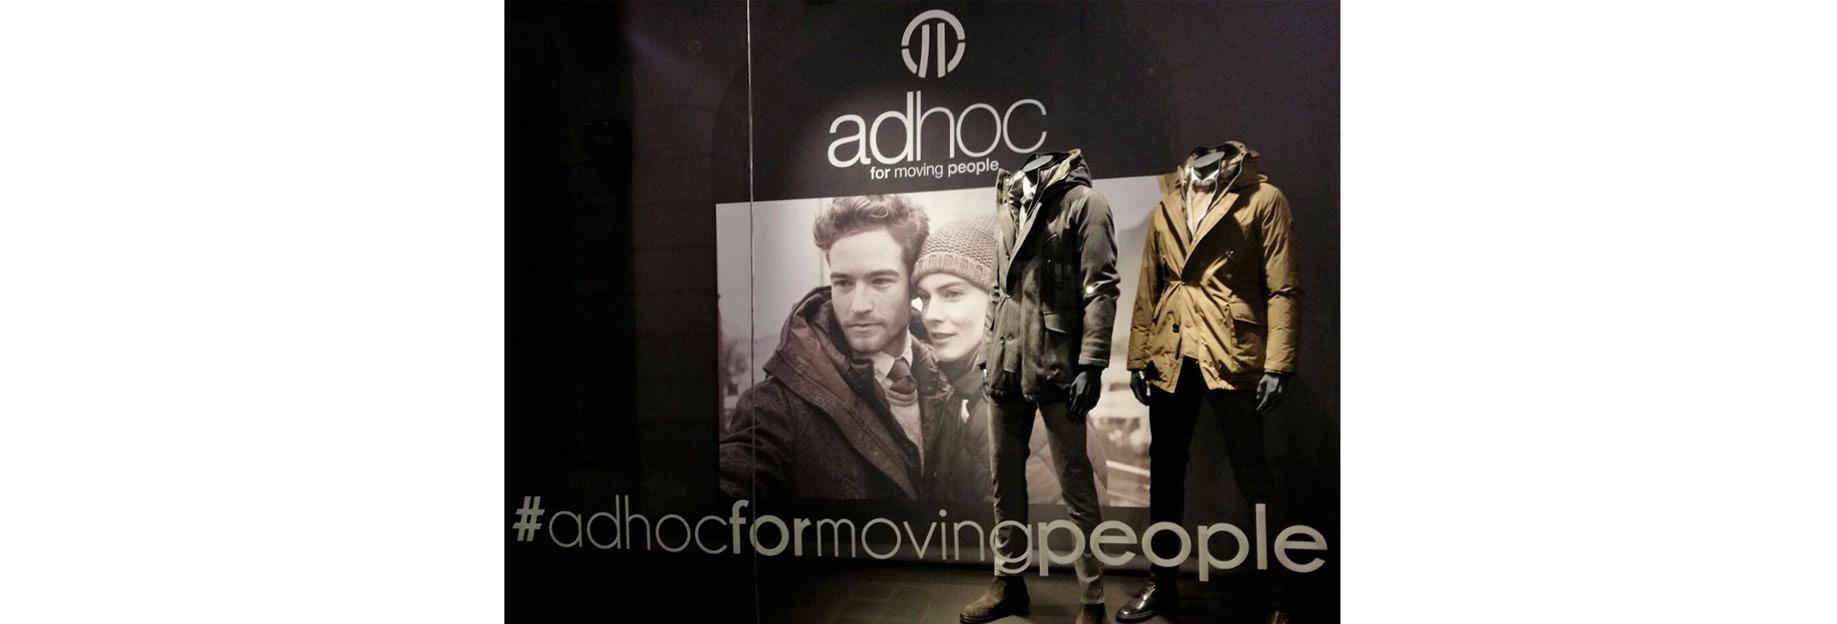 ADHOC_5